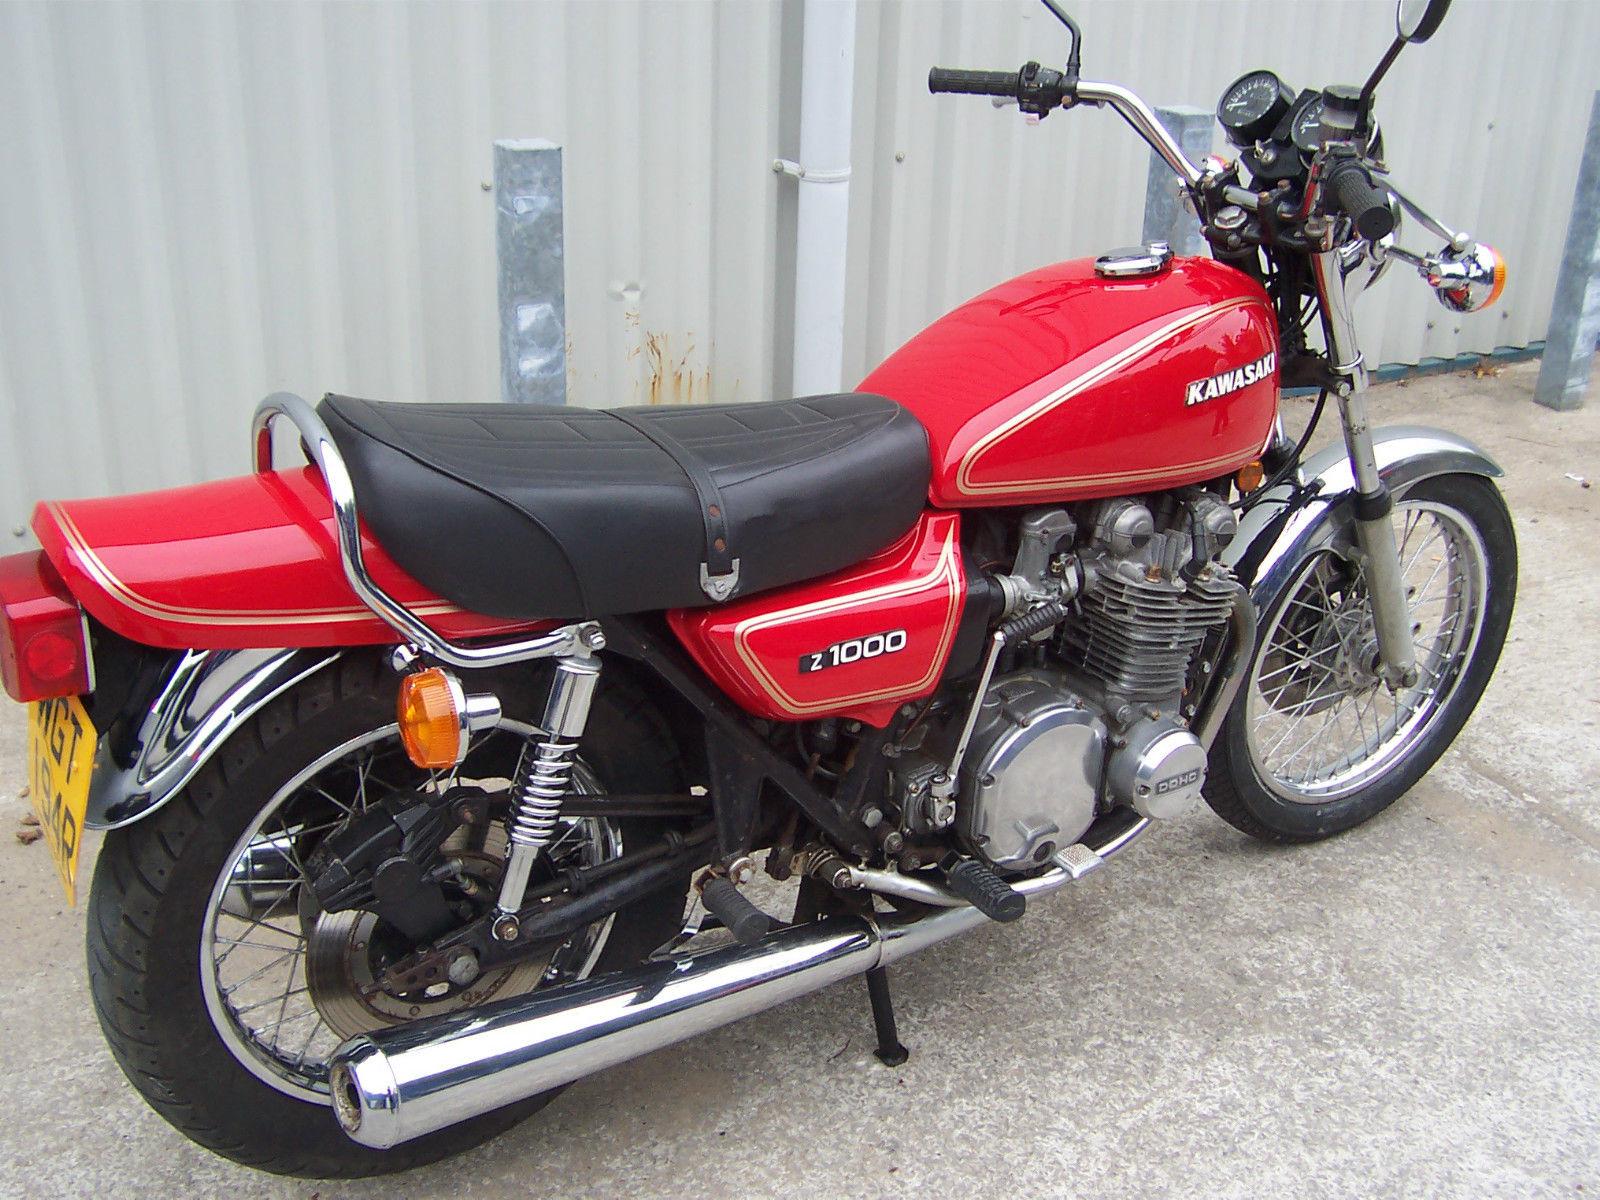 KAWASAKI Z1000 A1/Z1000 A2/Z900 A4/Z650/KAWASAKI Z1000 1977